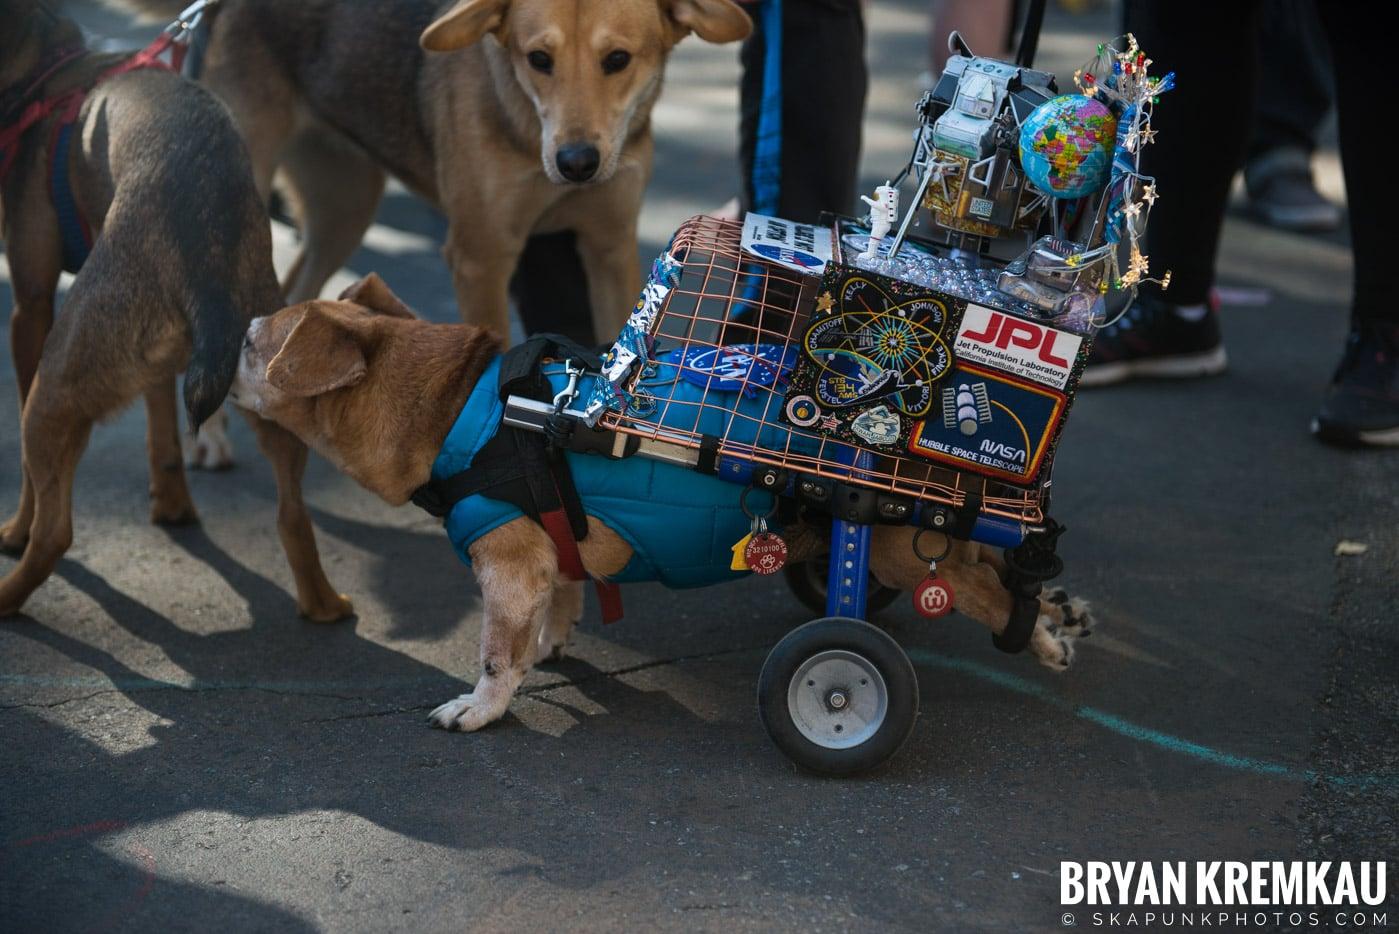 Tompkins Square Park Halloween Dog Parade 2017 @ Tompkins Square Park, NYC - 10.21.17 (32)